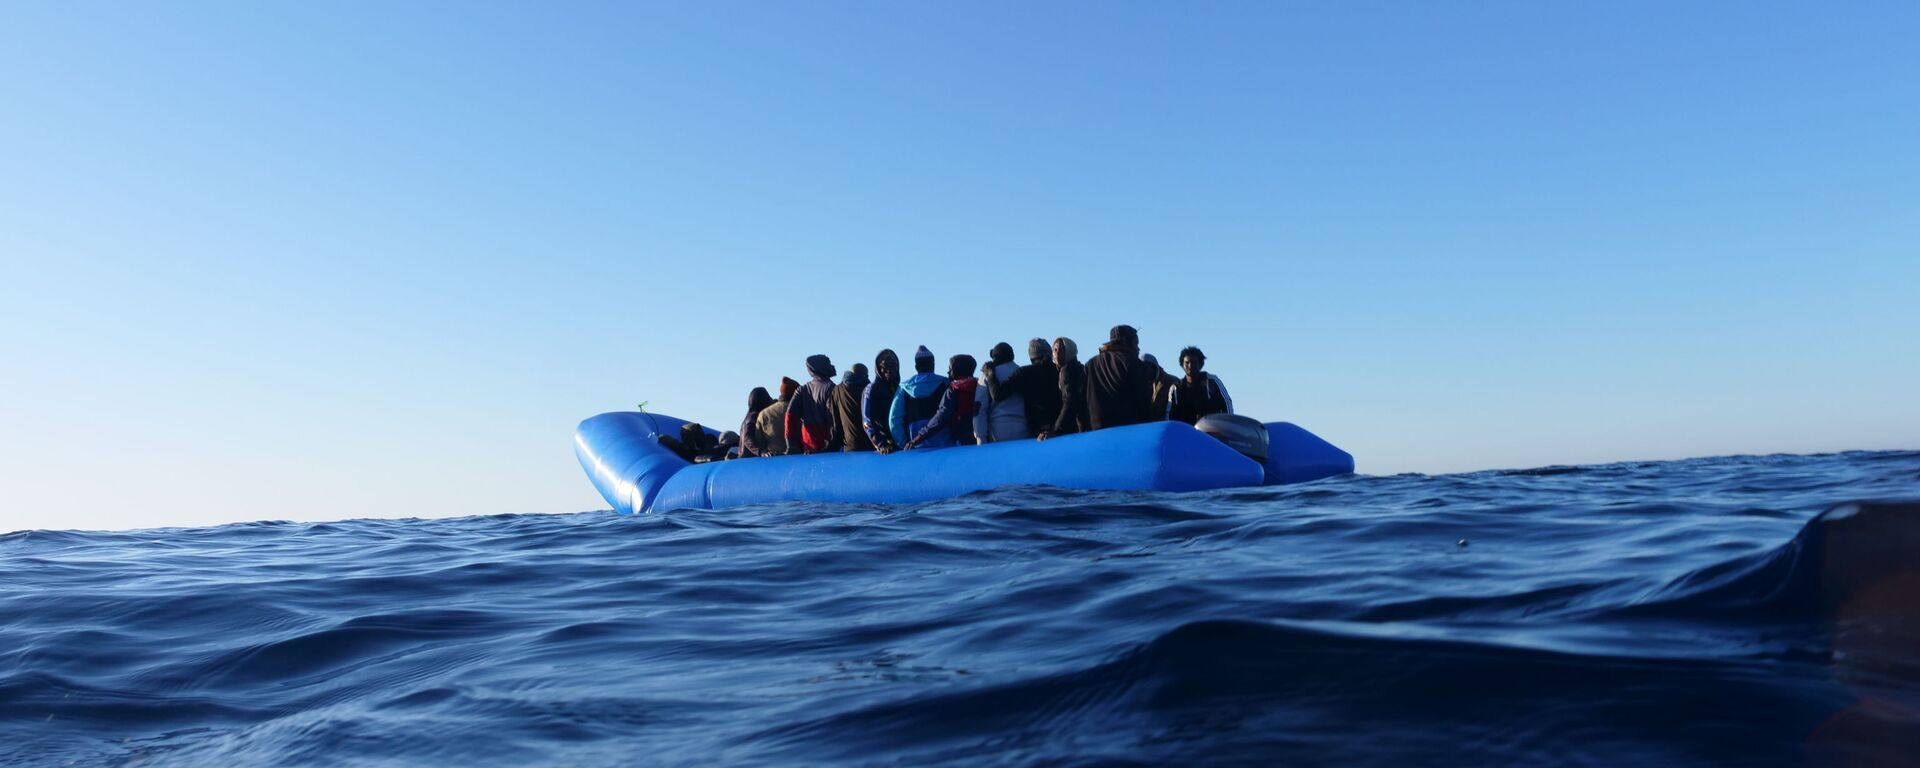 Migranti dalla Mare Jonio - Sputnik Italia, 1920, 21.05.2021